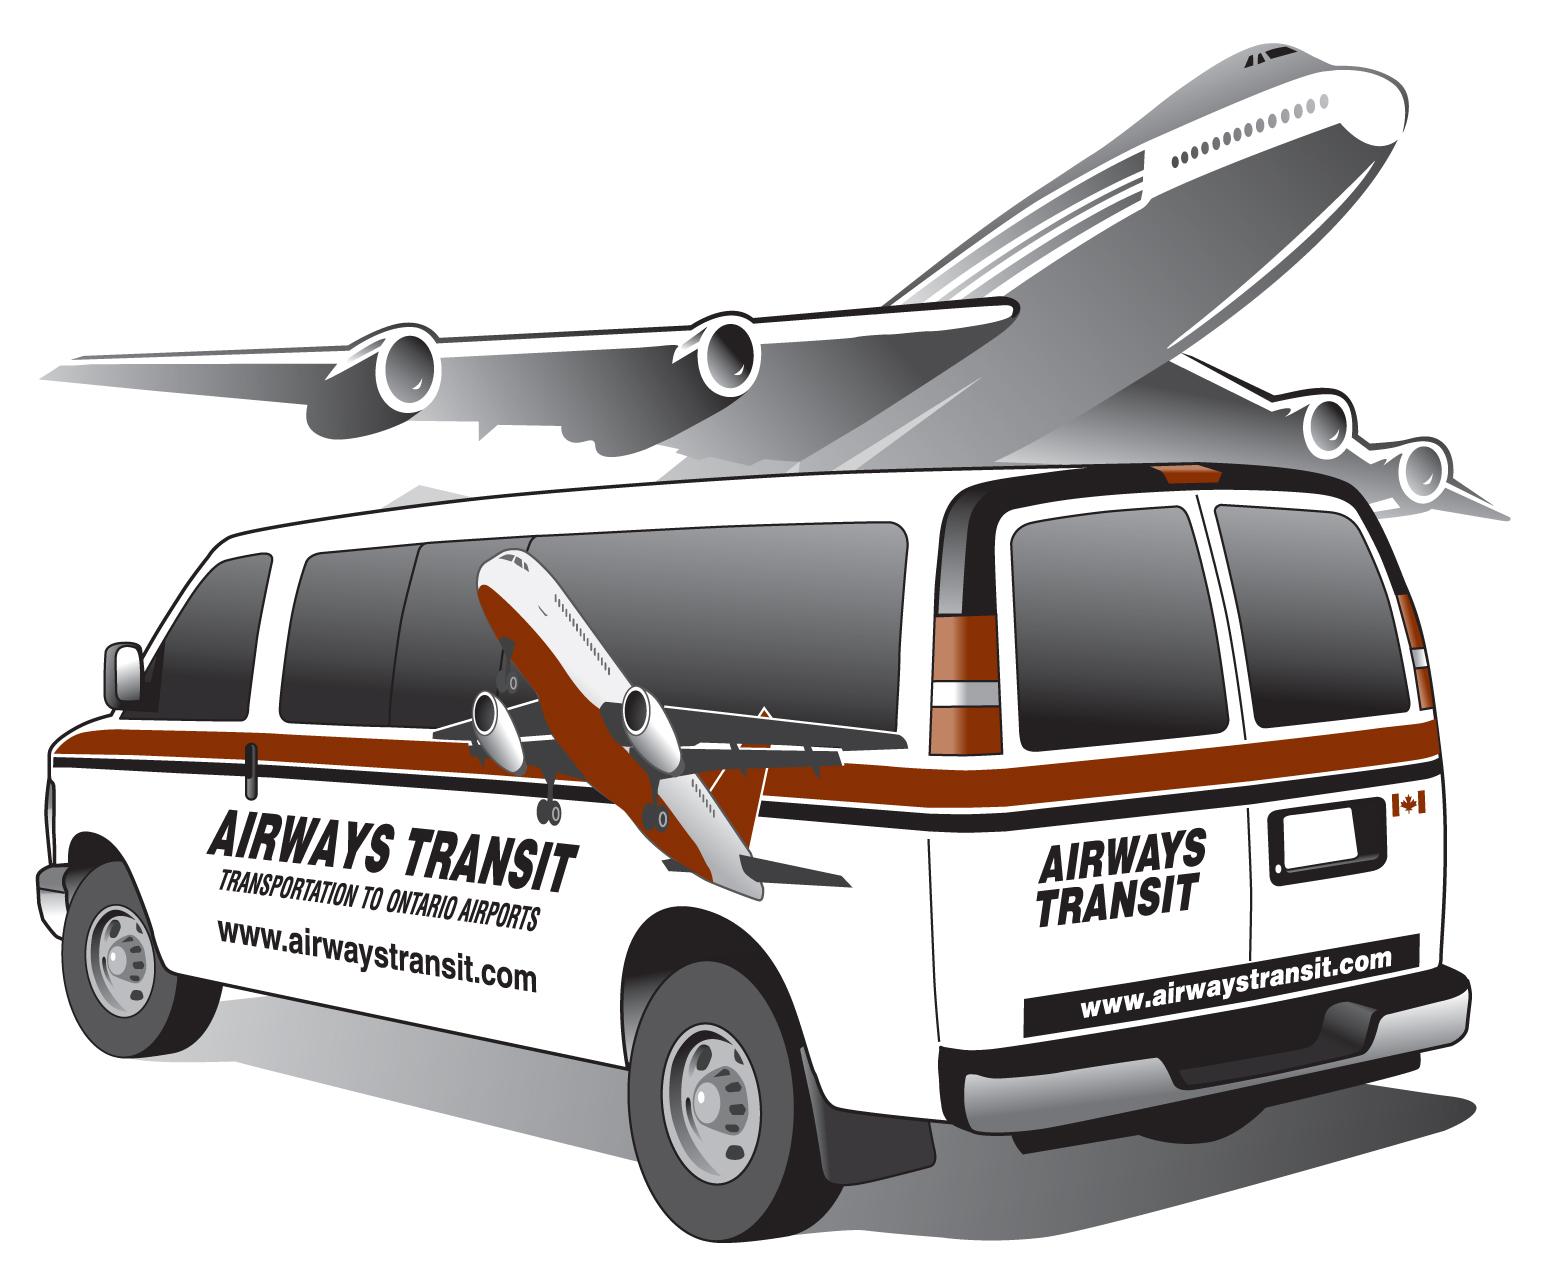 Airways Transit Service Limited